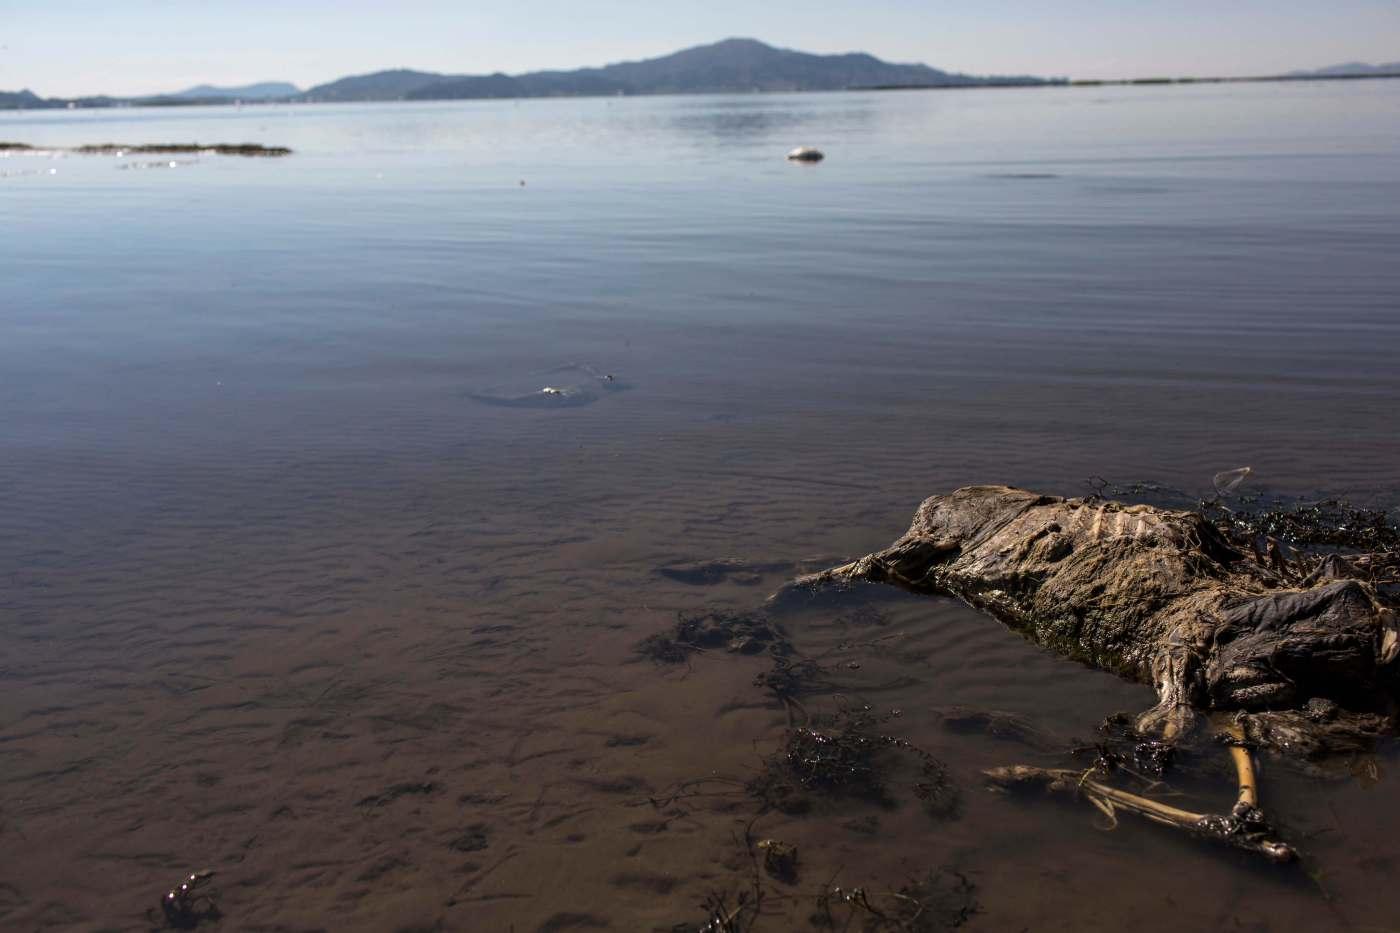 El esqueleto de una oveja yace en la orilla del lago Titicaca, Perú. Según activistas medioambientales, el ganado y los cultivos de los residentes mueren a causa de la contaminación. (AP)